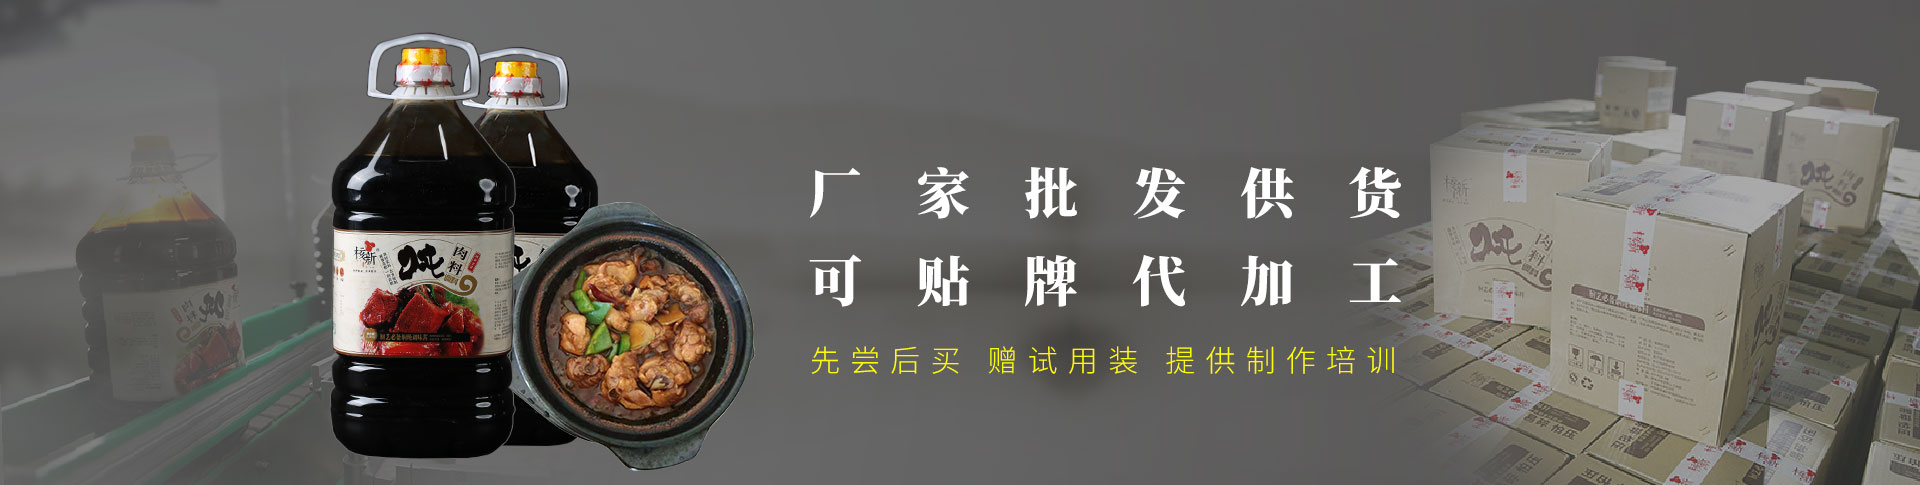 福州黄焖鸡酱料哪里有卖的